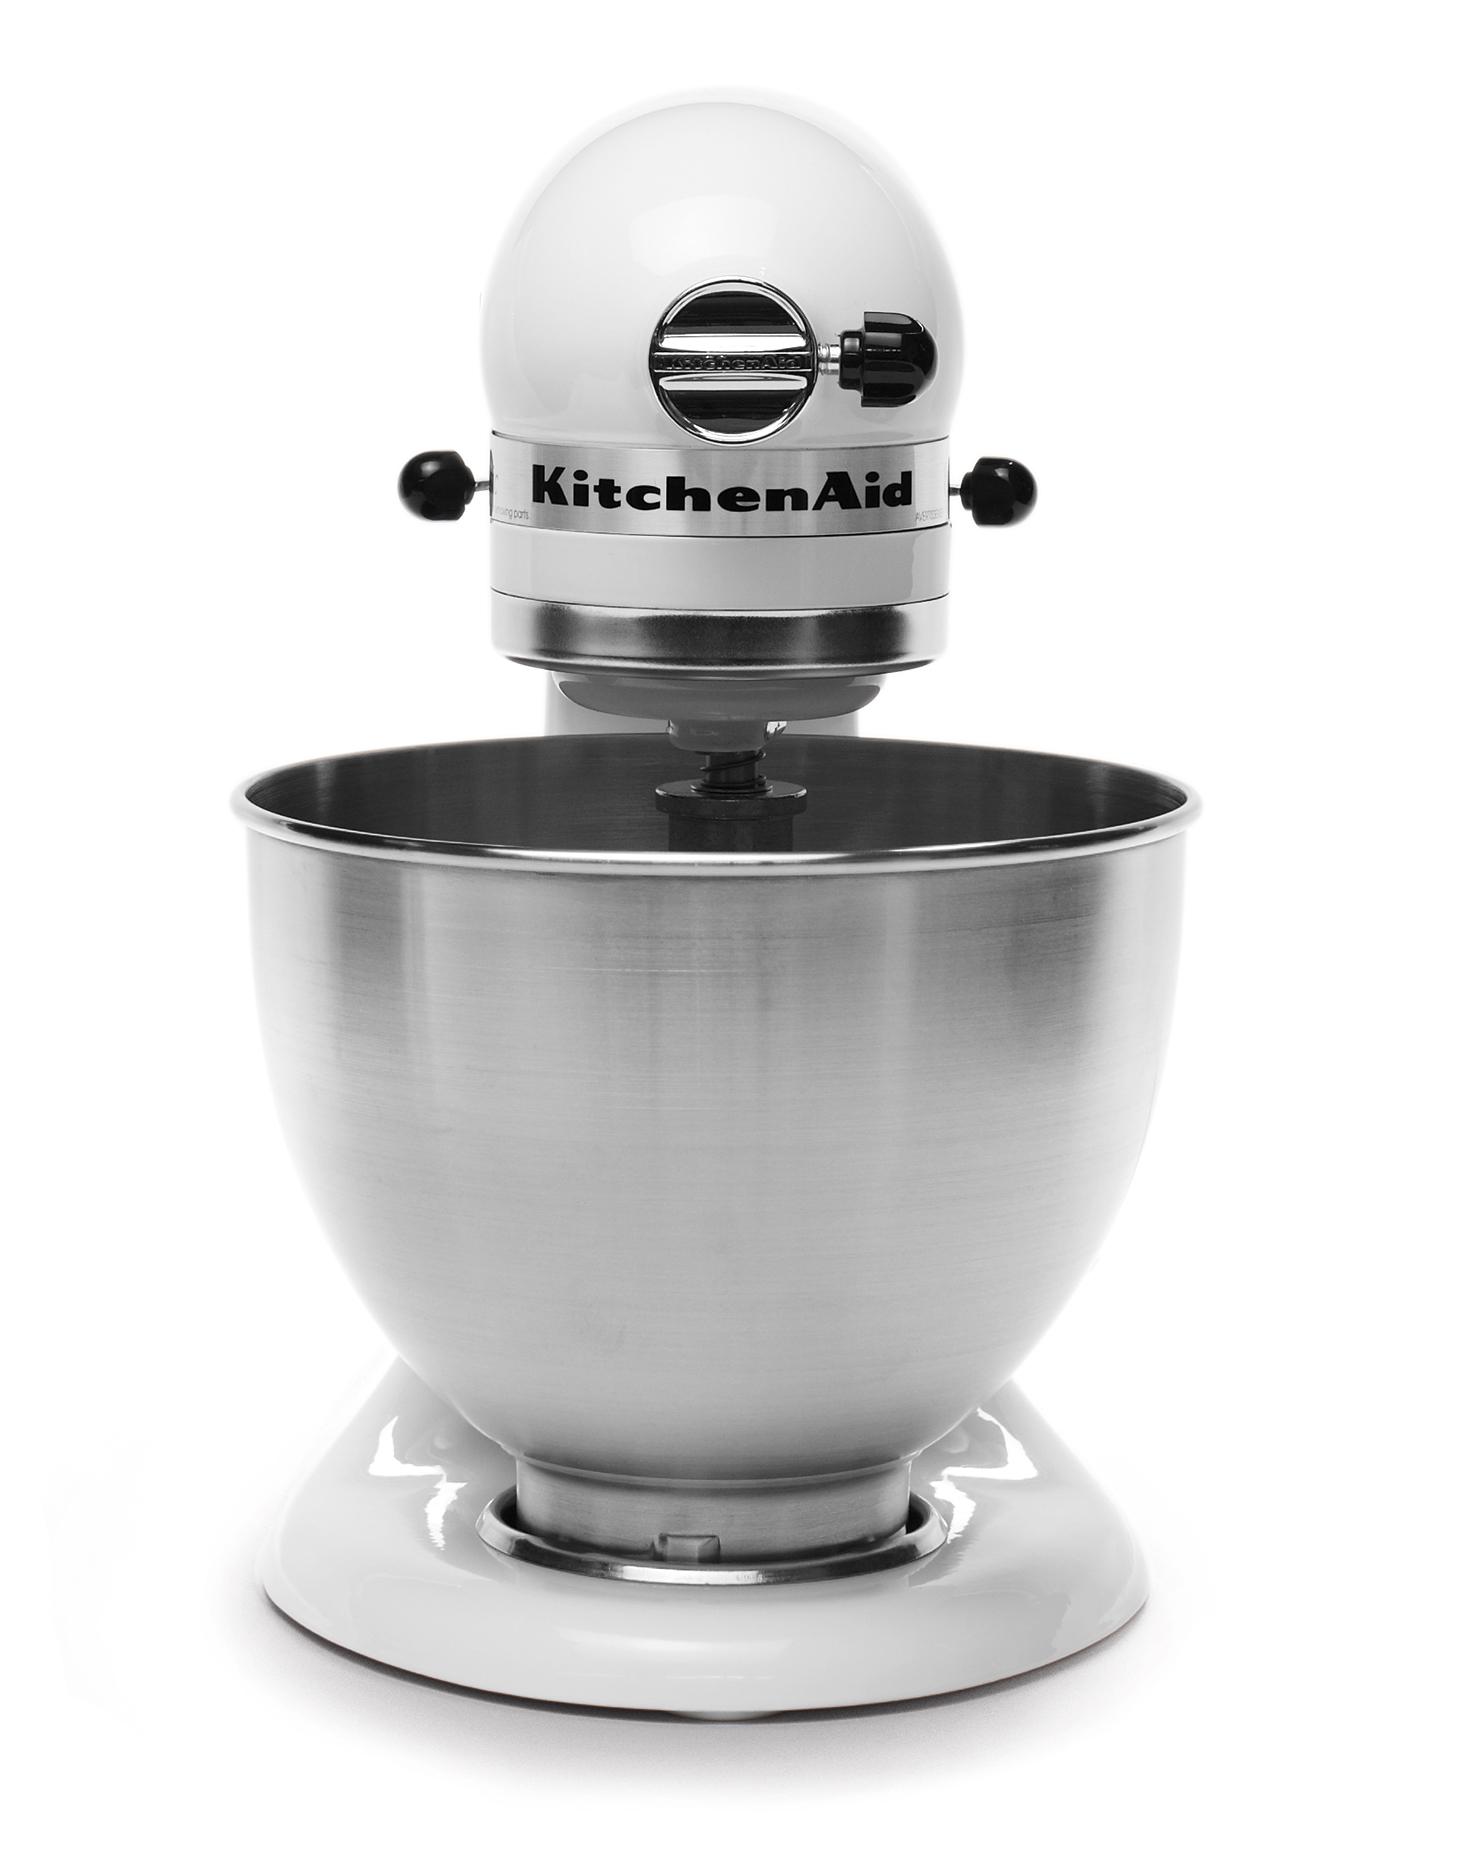 kitchen-aid-mixer-212-mwd110609.jpg